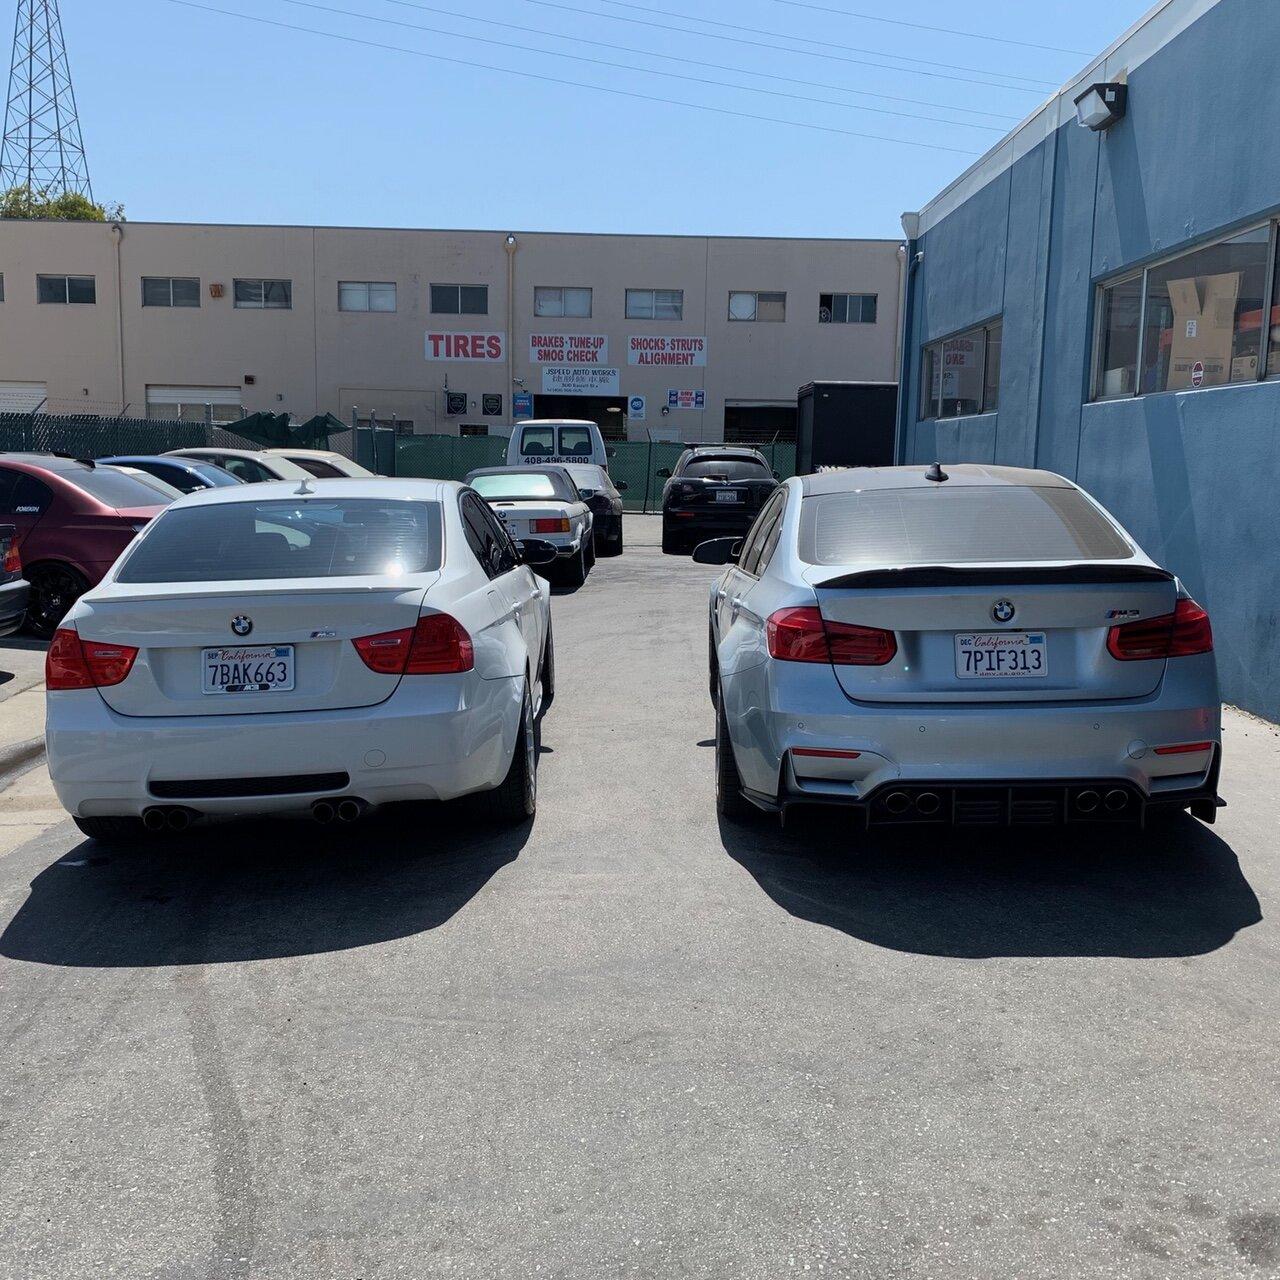 The E90 M3 (left) looks almost pedestrian compared to the far more aggressive F80 M3 (right).